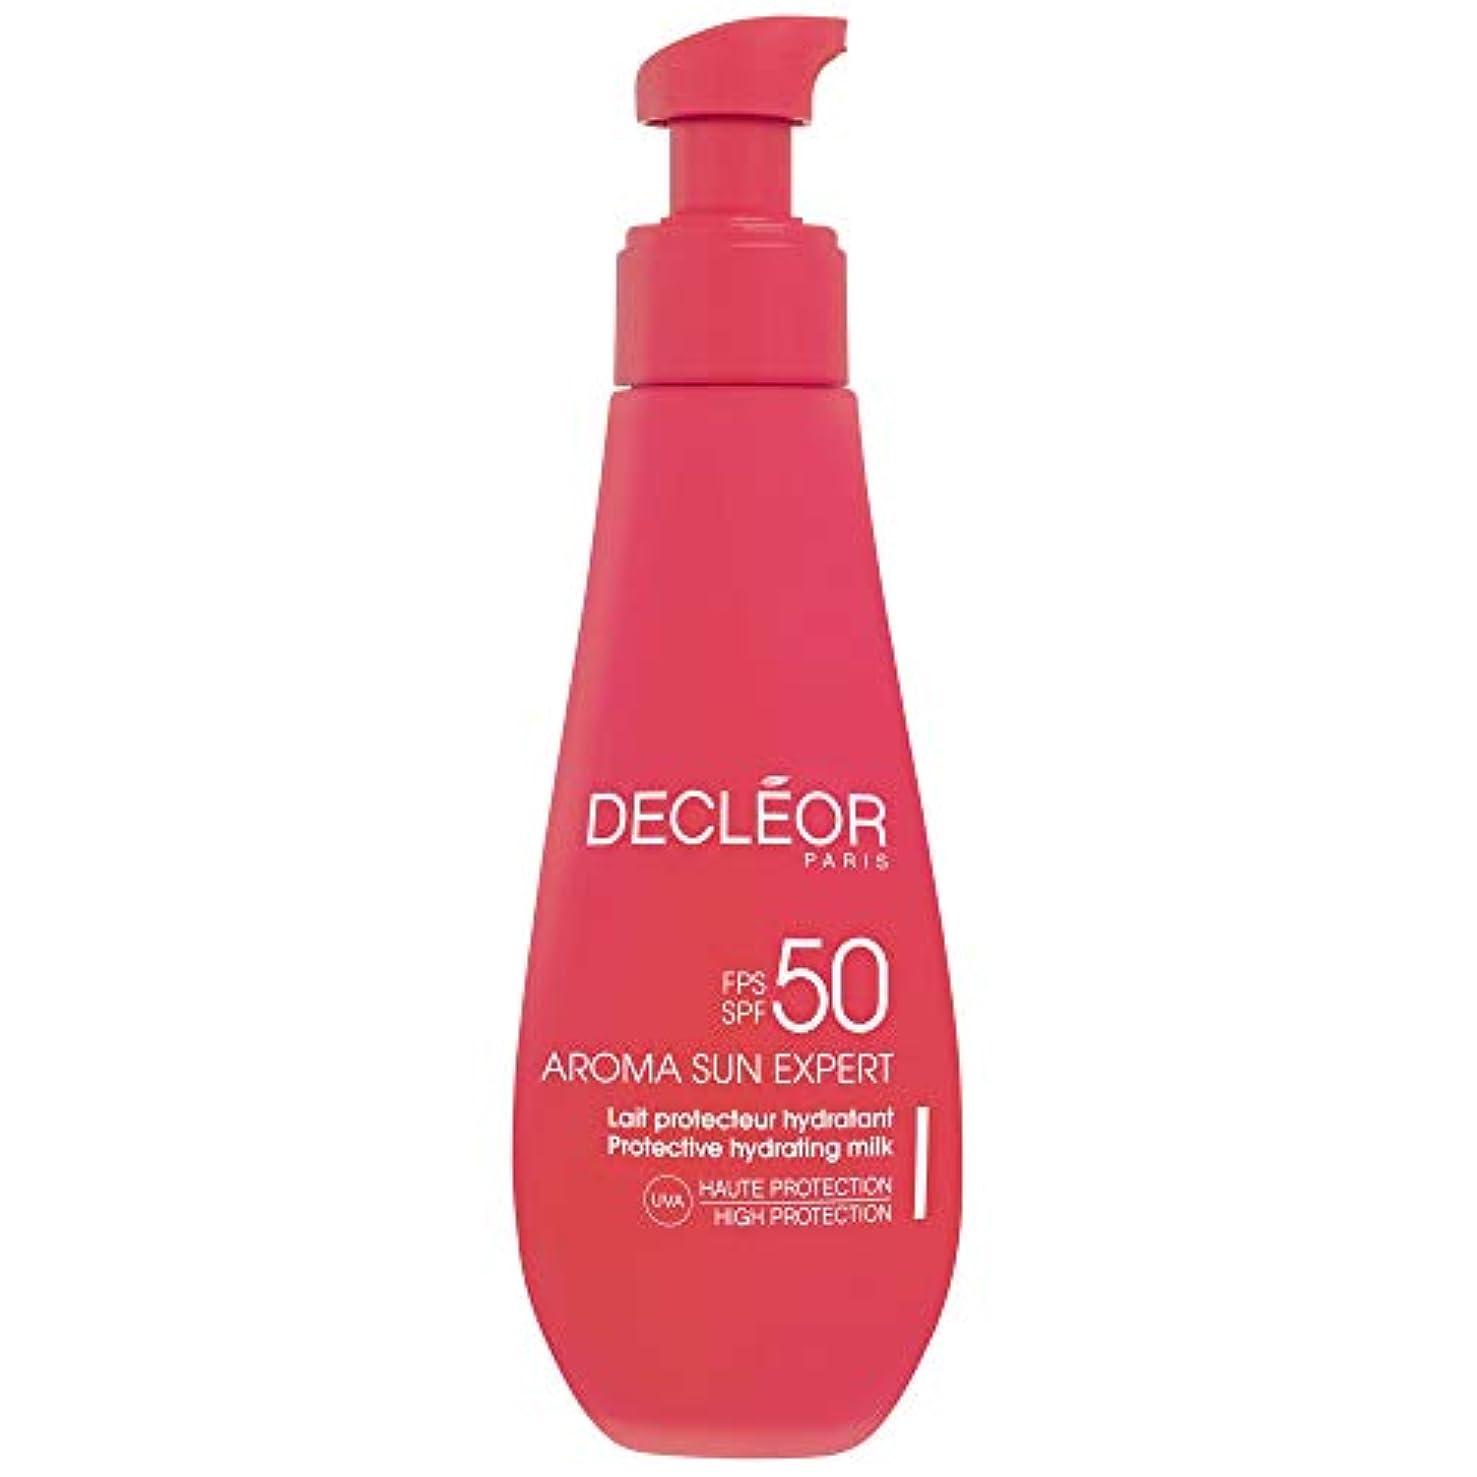 電気の変数主に[Decl?or ] デクレオールアロマ日の専門家で超保護抗シワクリームSpf50 - ボディローション150Ml - Decl?or Aroma Sun Expert Ultra Protective Anti-Wrinkle...